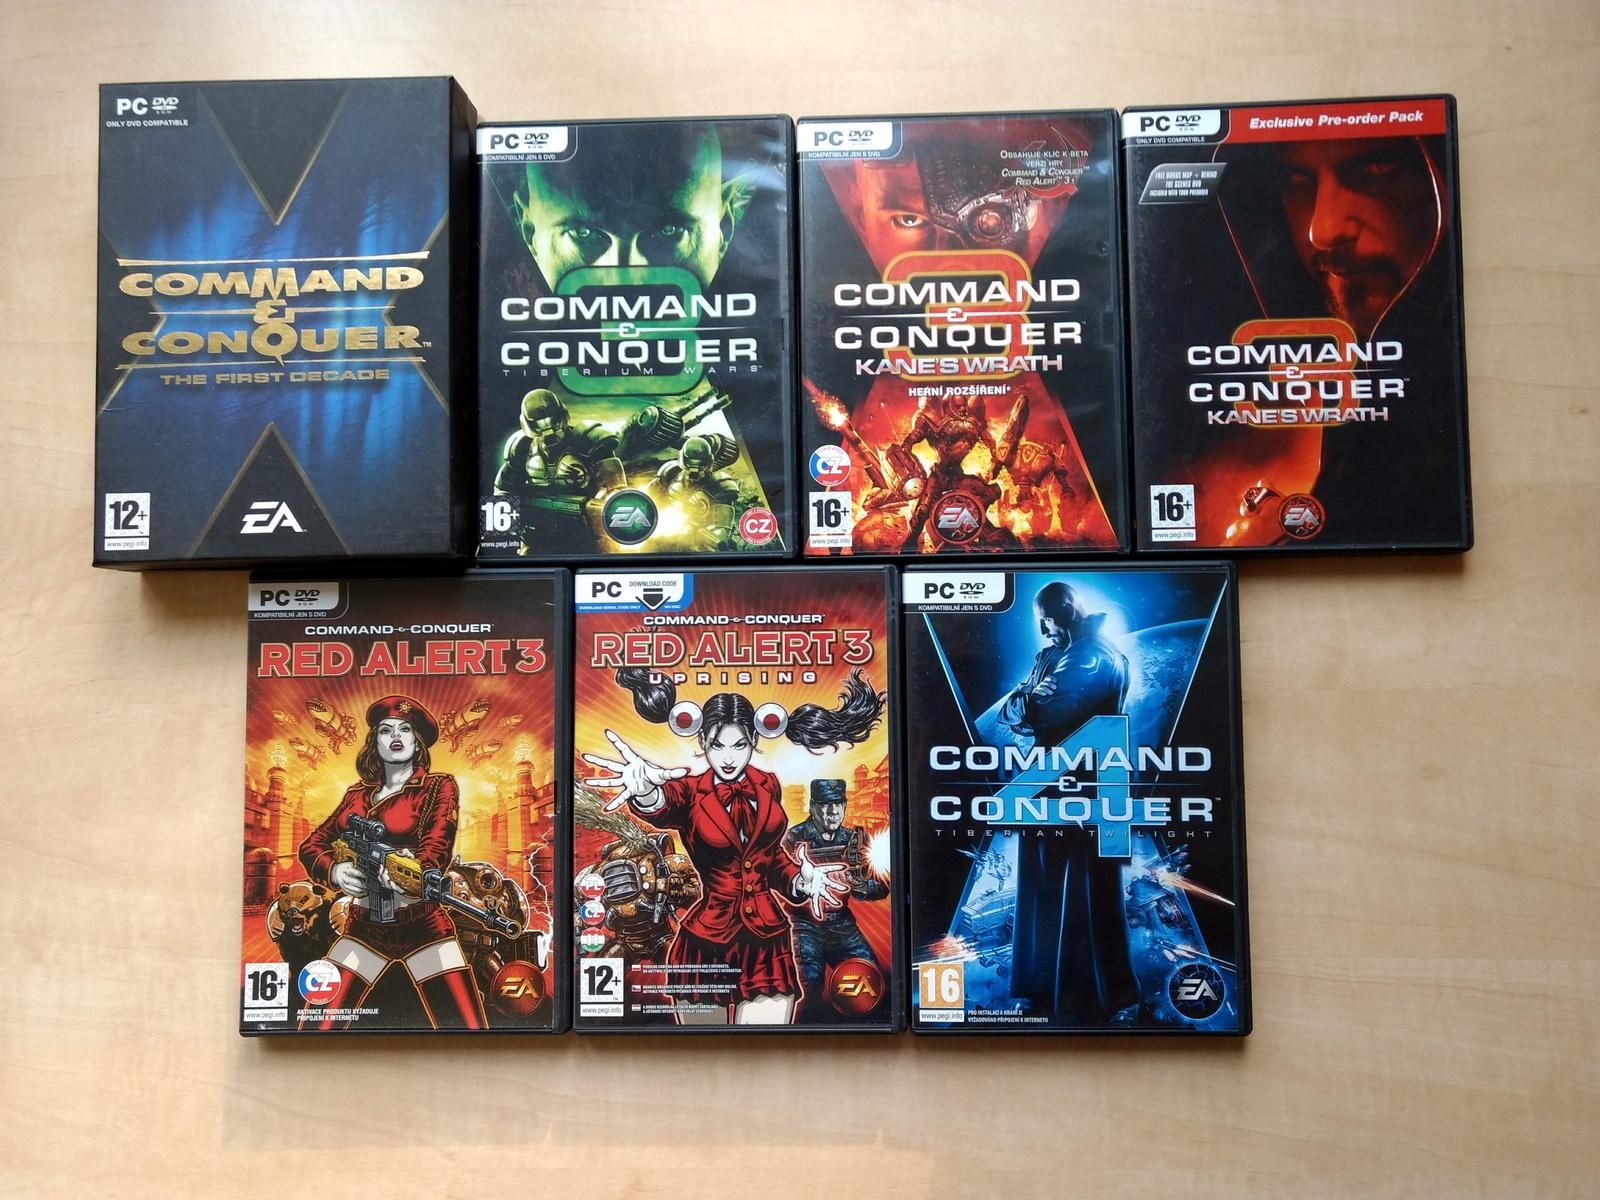 Command & Conquer | Strana 2 | PC: Staré hry | Forum